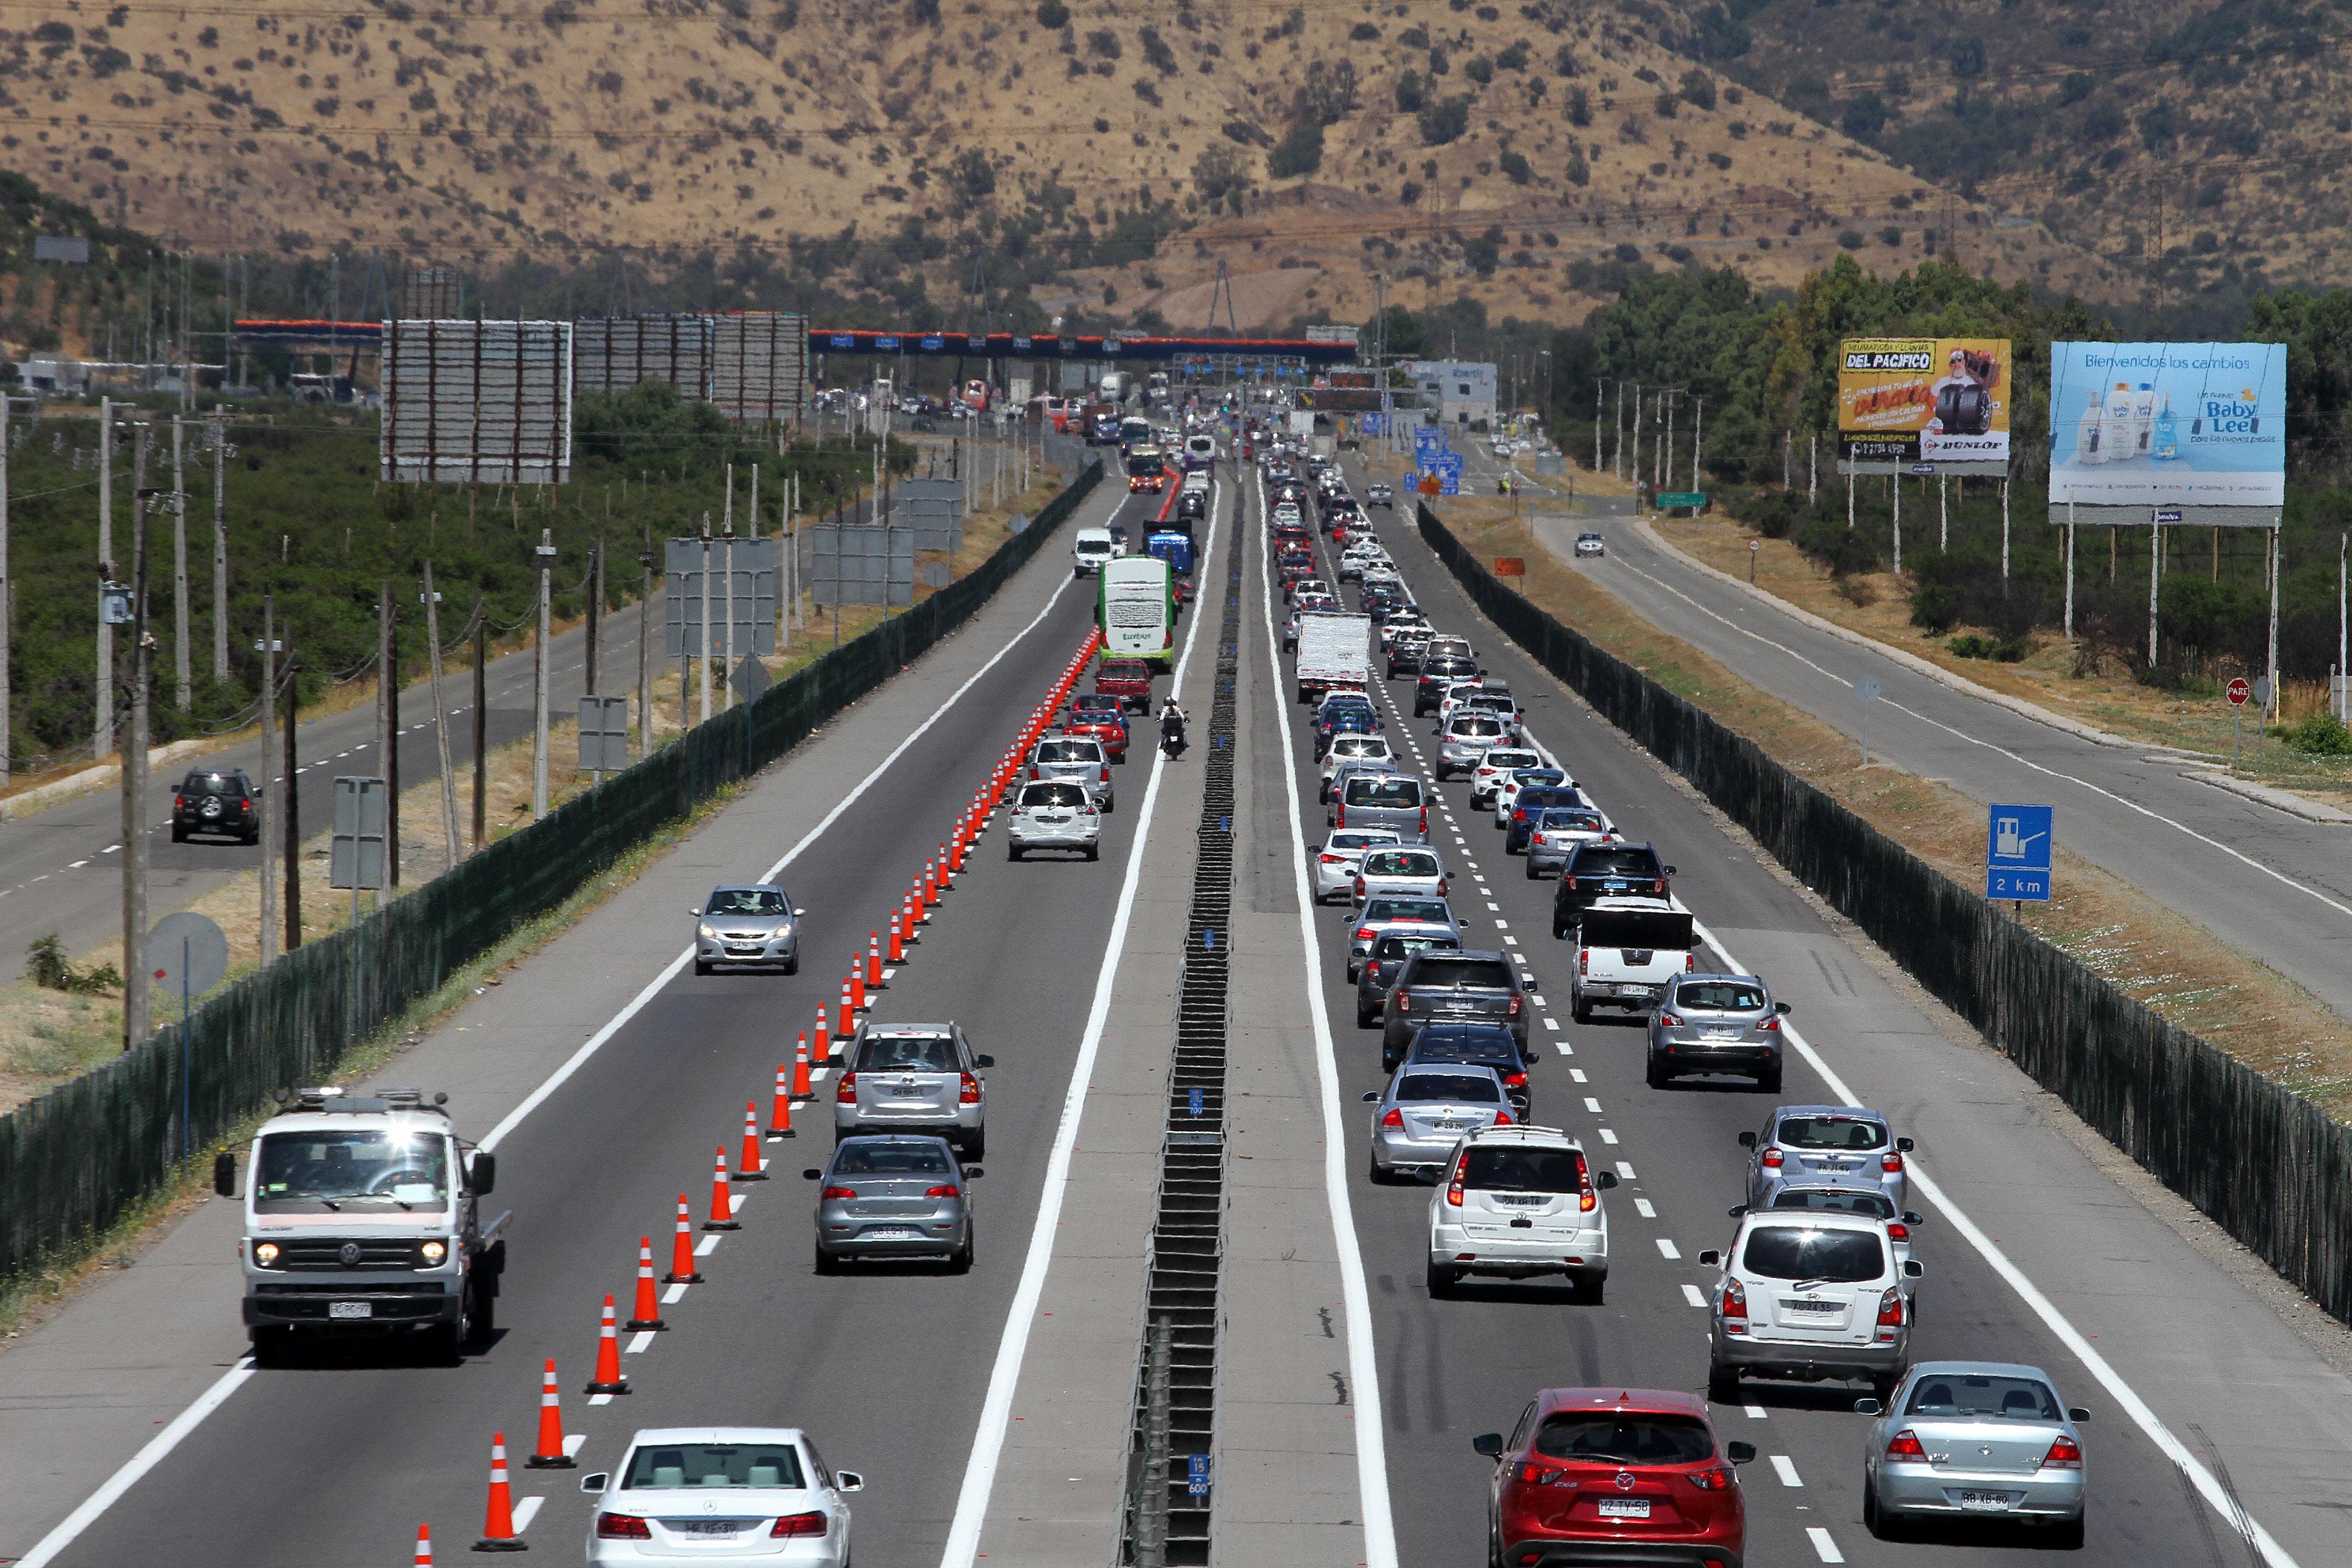 Prevención de accidentes automovilísticos: ¿qué tener en cuenta?